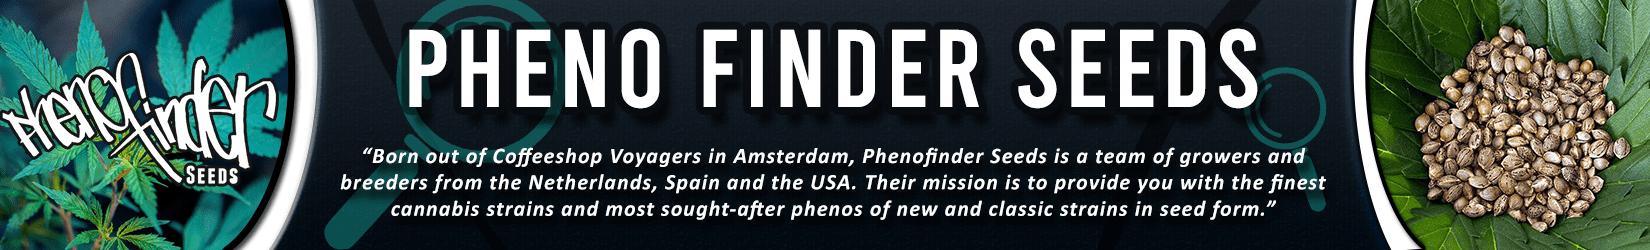 Cannabis Seeds Breeder - Pheno Finder Seeds